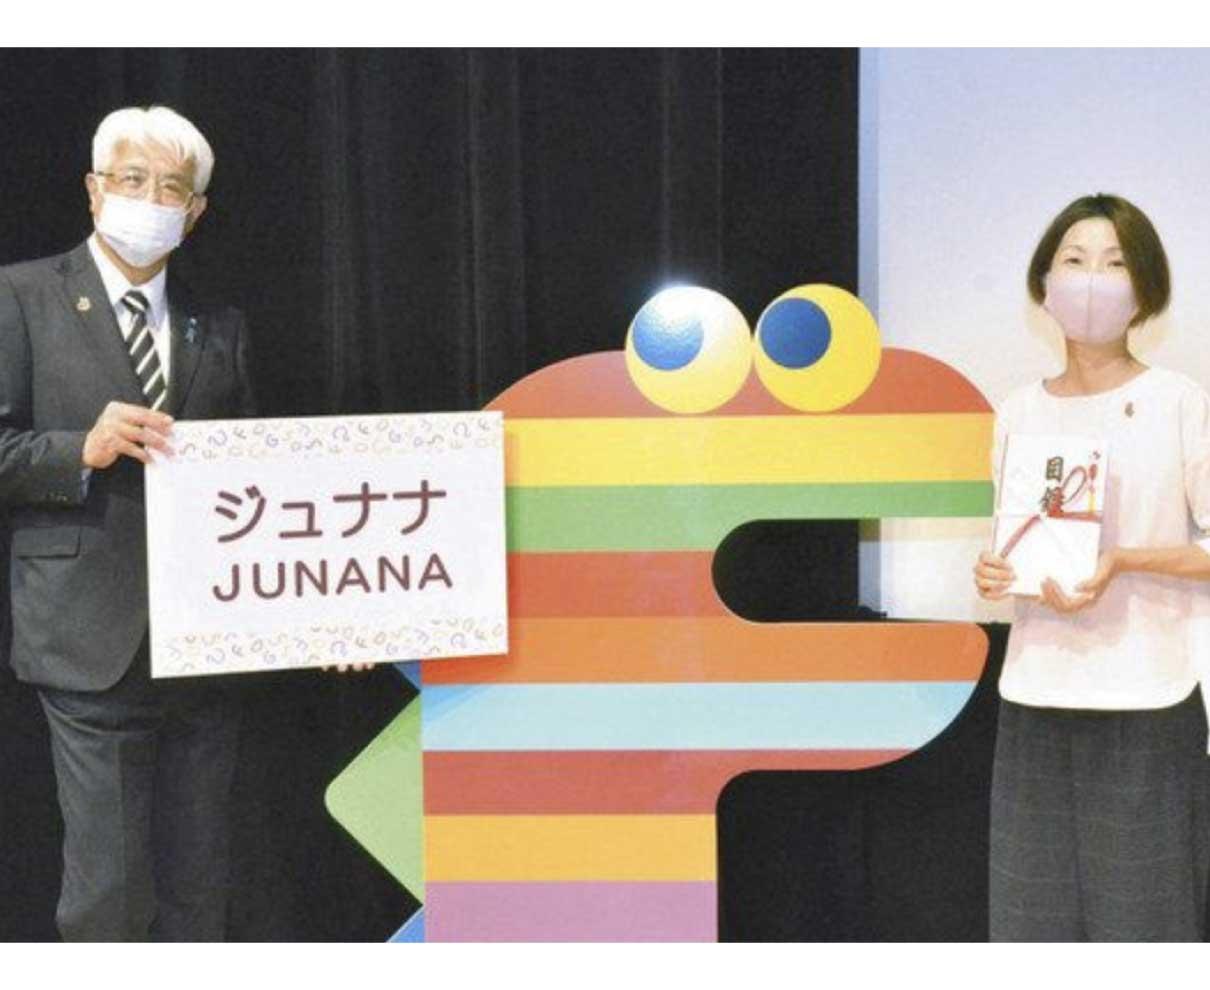 「ふくいSDGs」公式ロゴ  愛称「ジュナナ」に決定